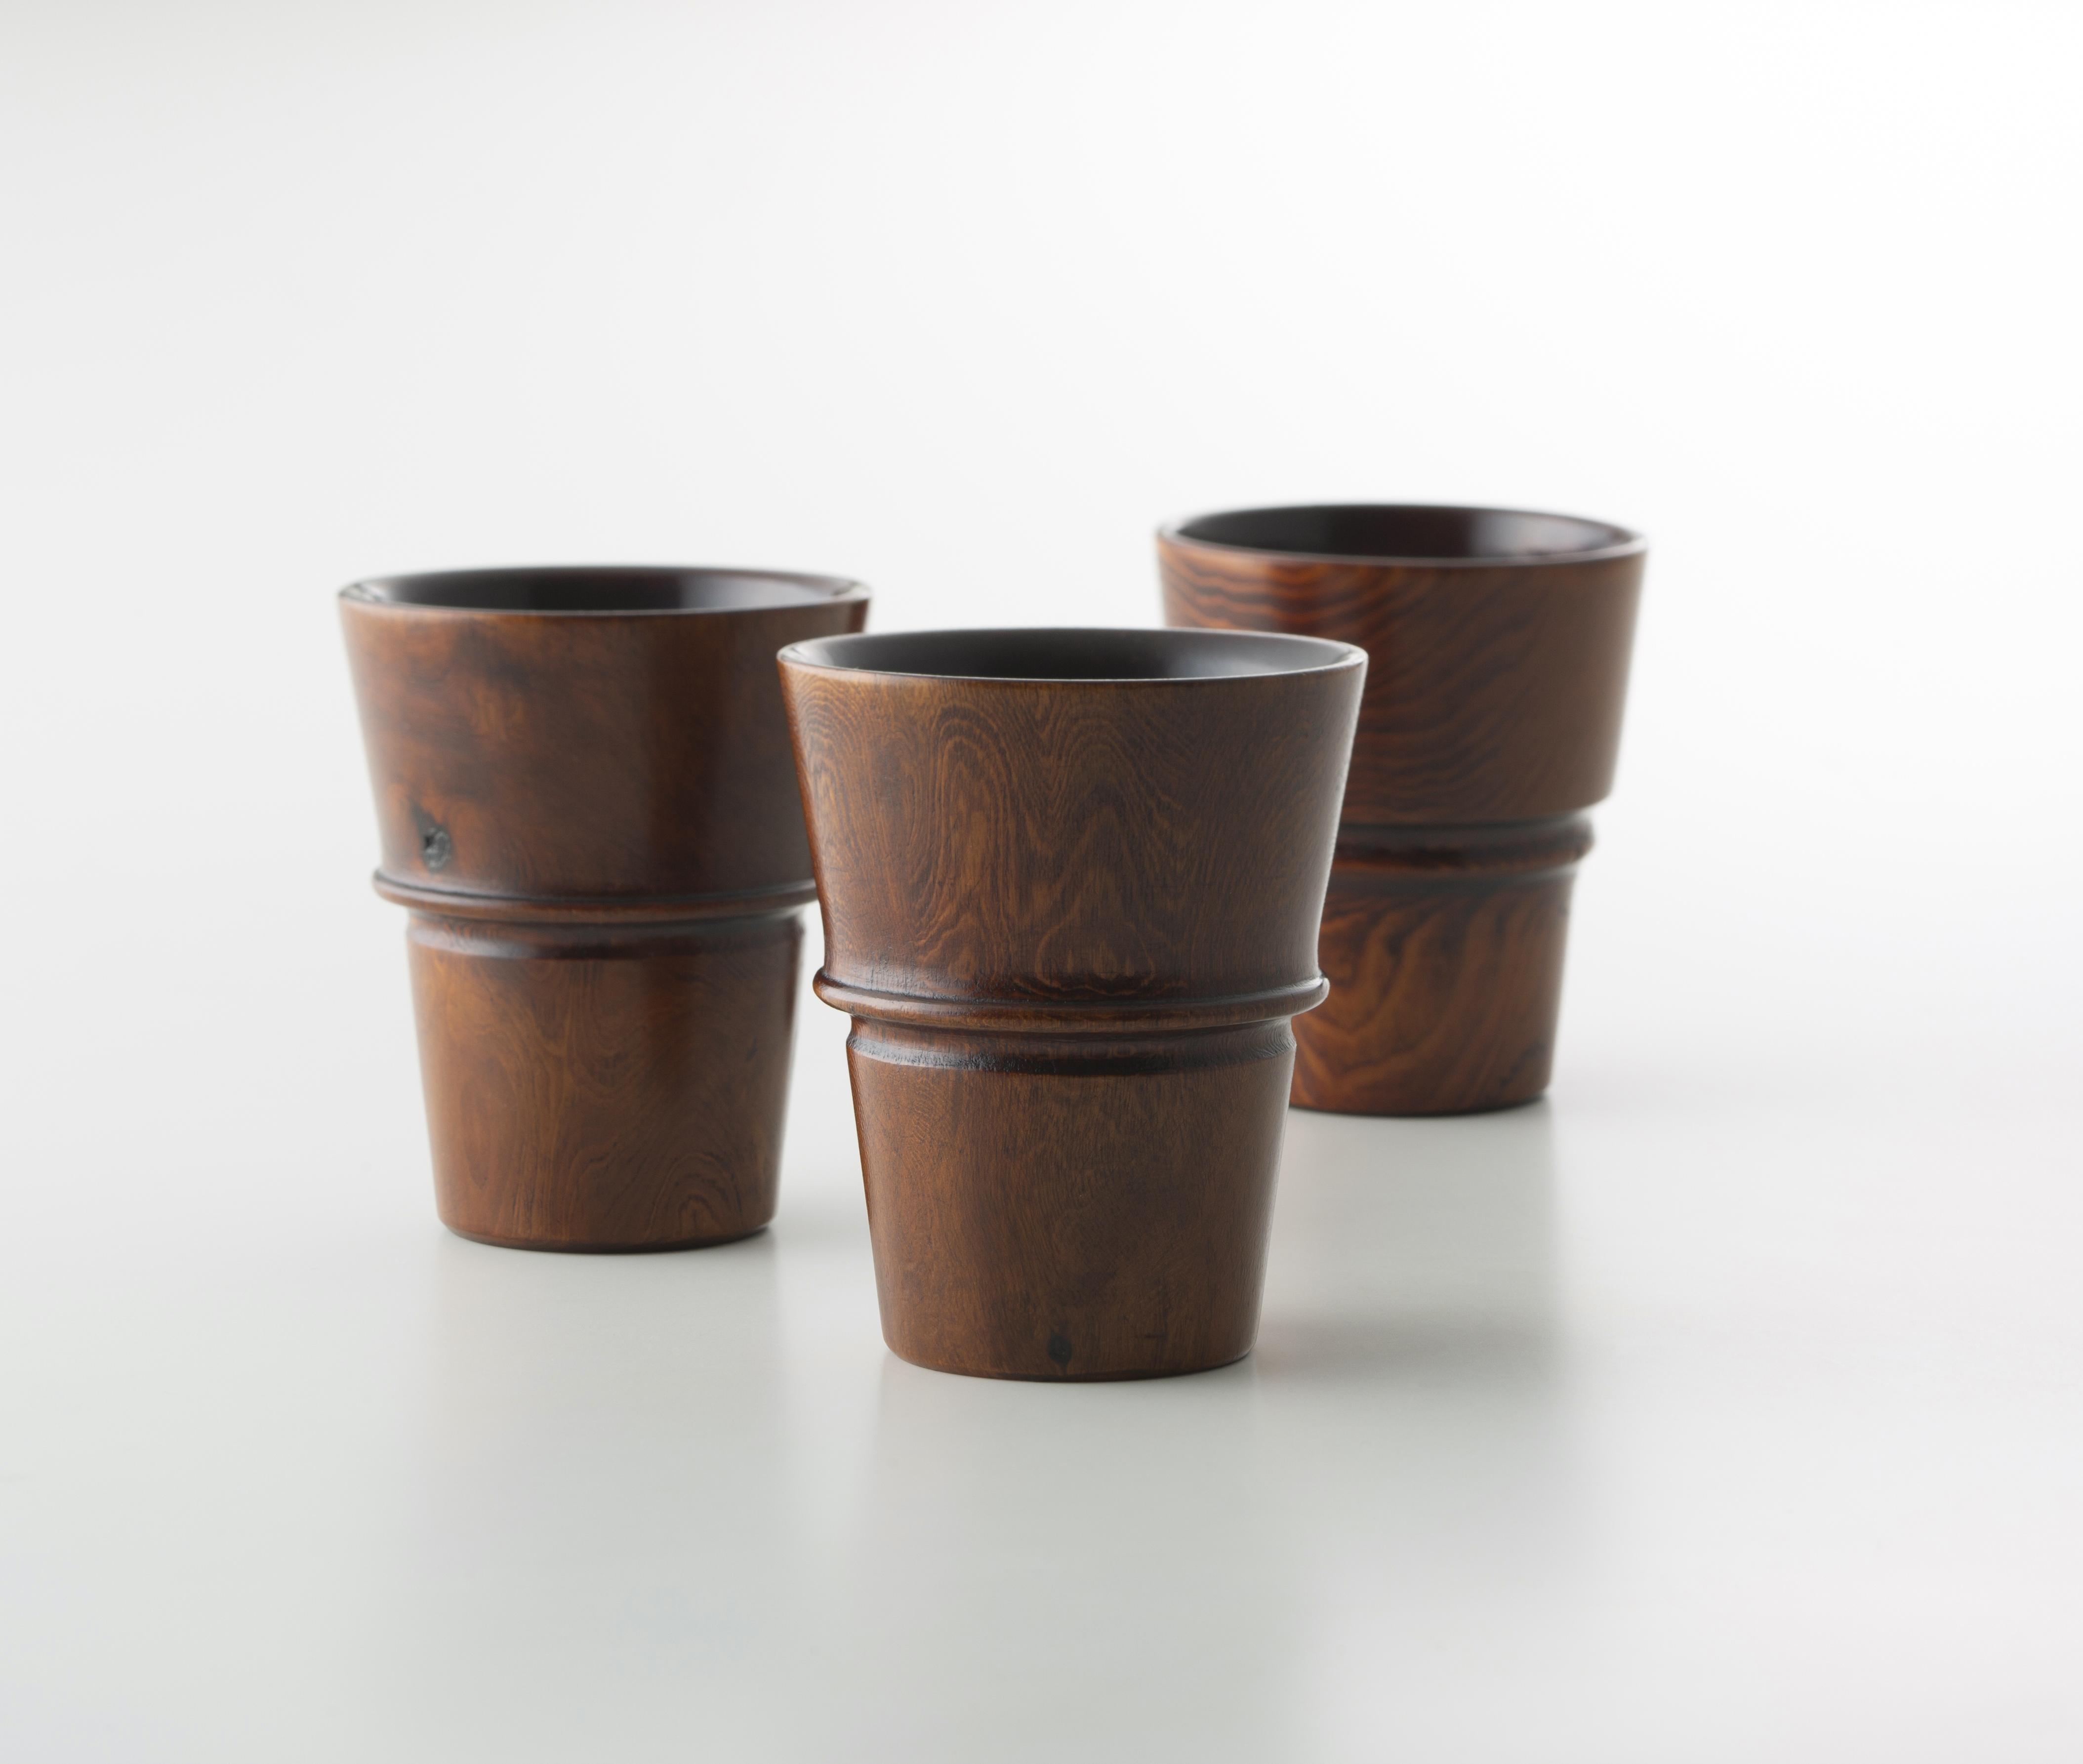 日光杉並木自由椀(フリーカップ)